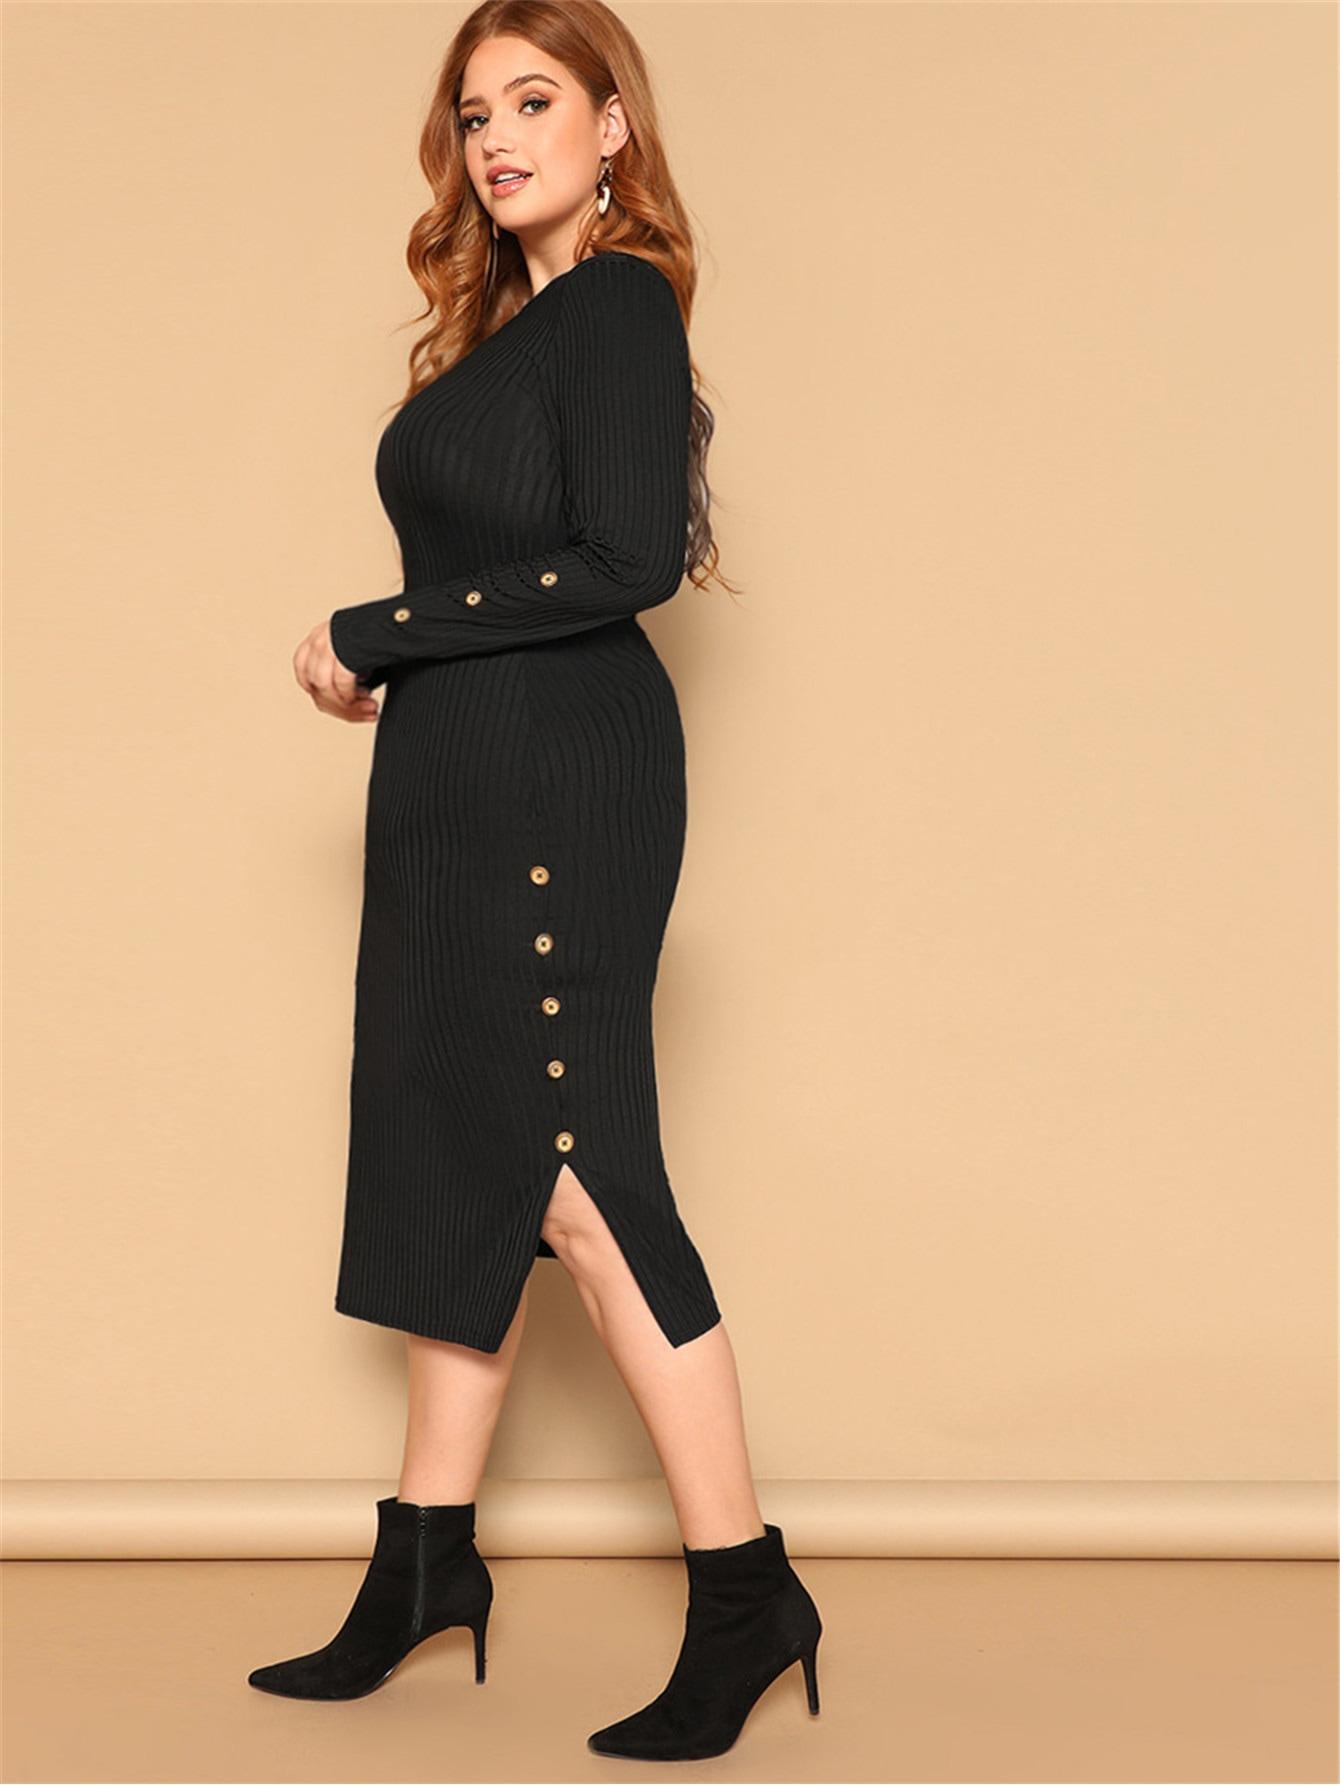 Размер плюс ребристое платье-карандпш с пуговицами и разрезом